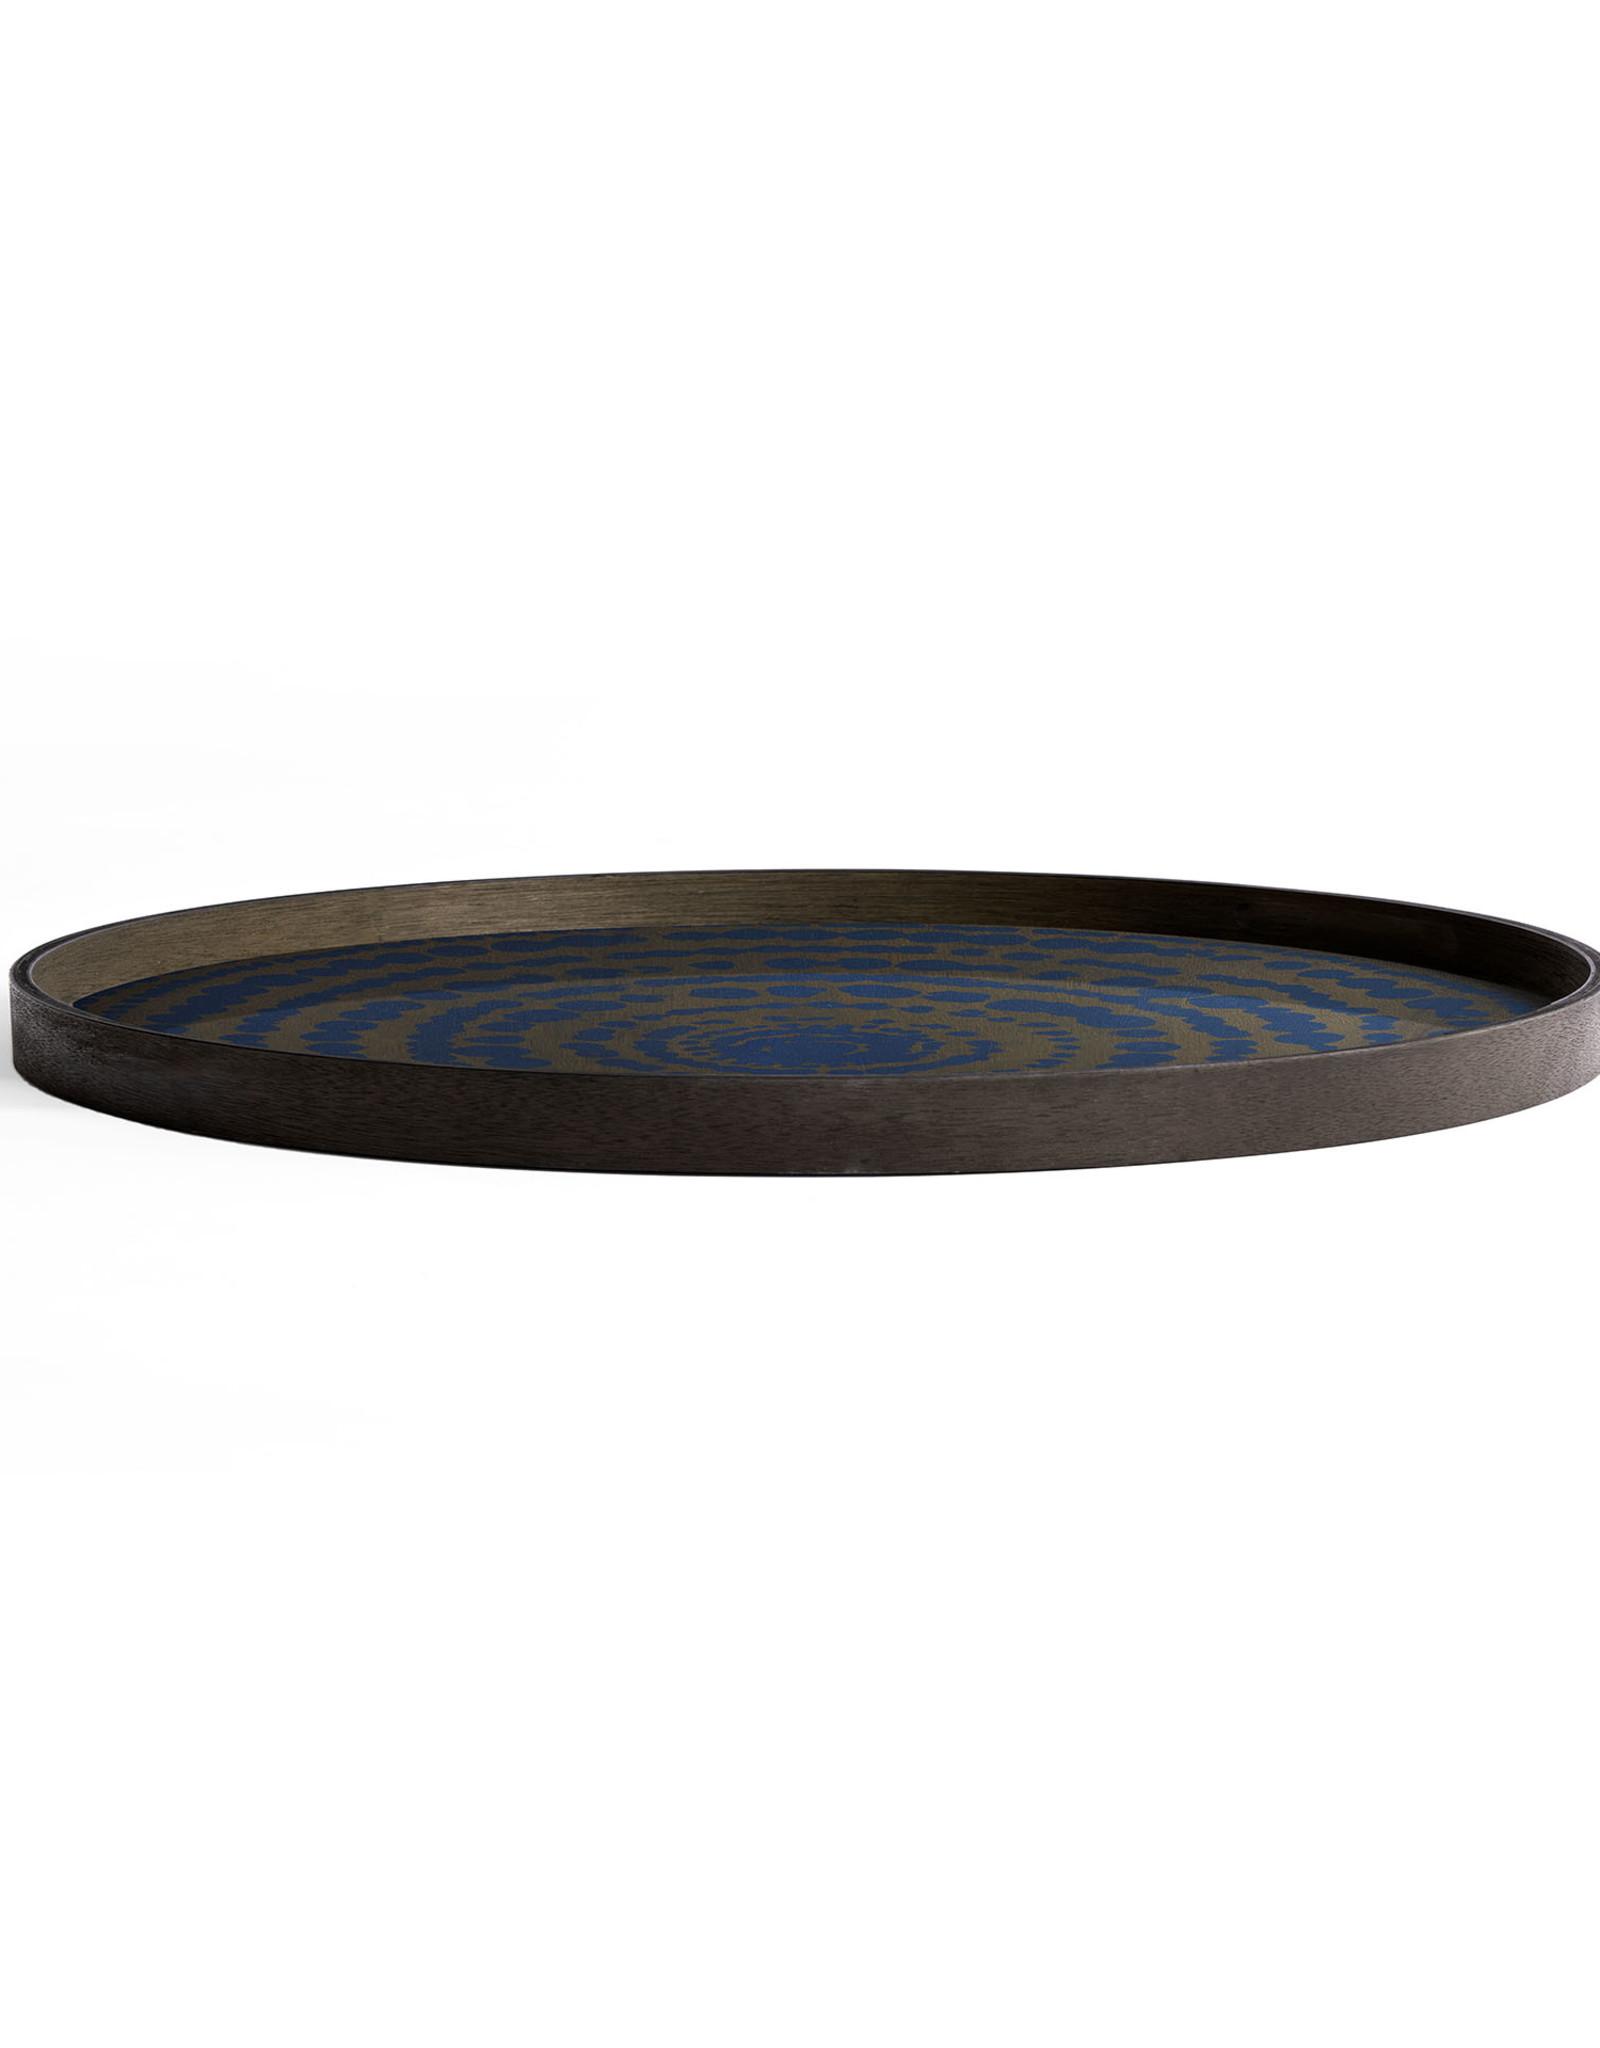 Midnight Beads wooden tray - round - XL 36 x 36 x 2